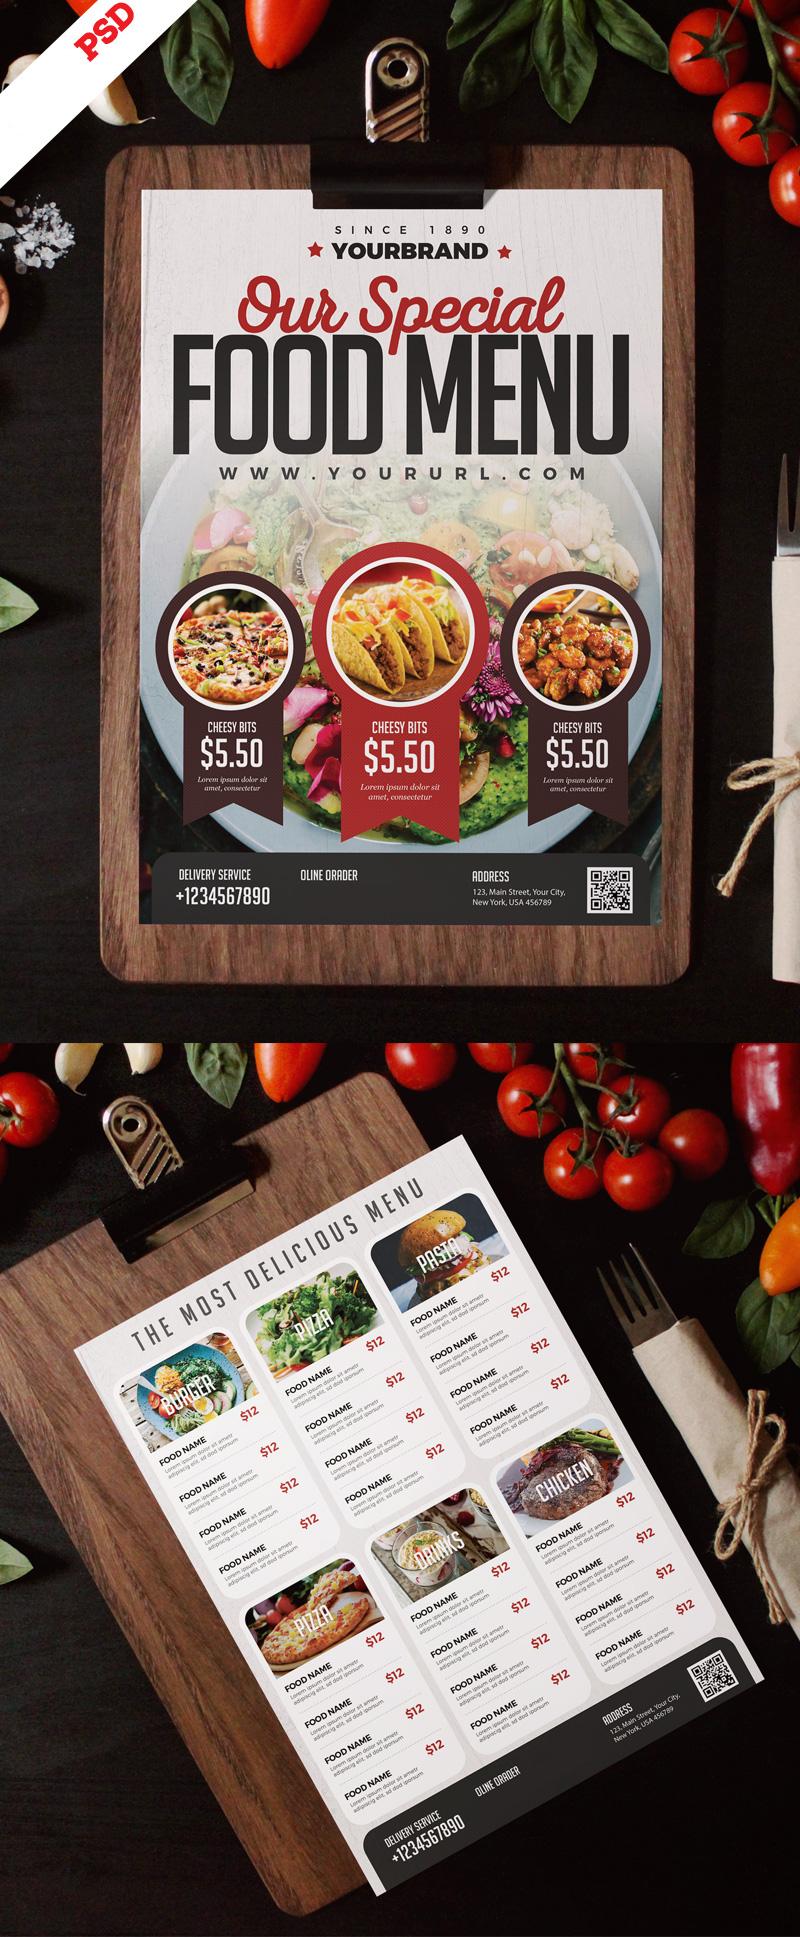 p705 - لایه باز منوی غذای رستوران فست فود و آشپزخانه غذای خوشمزه بصورت طرح آماده